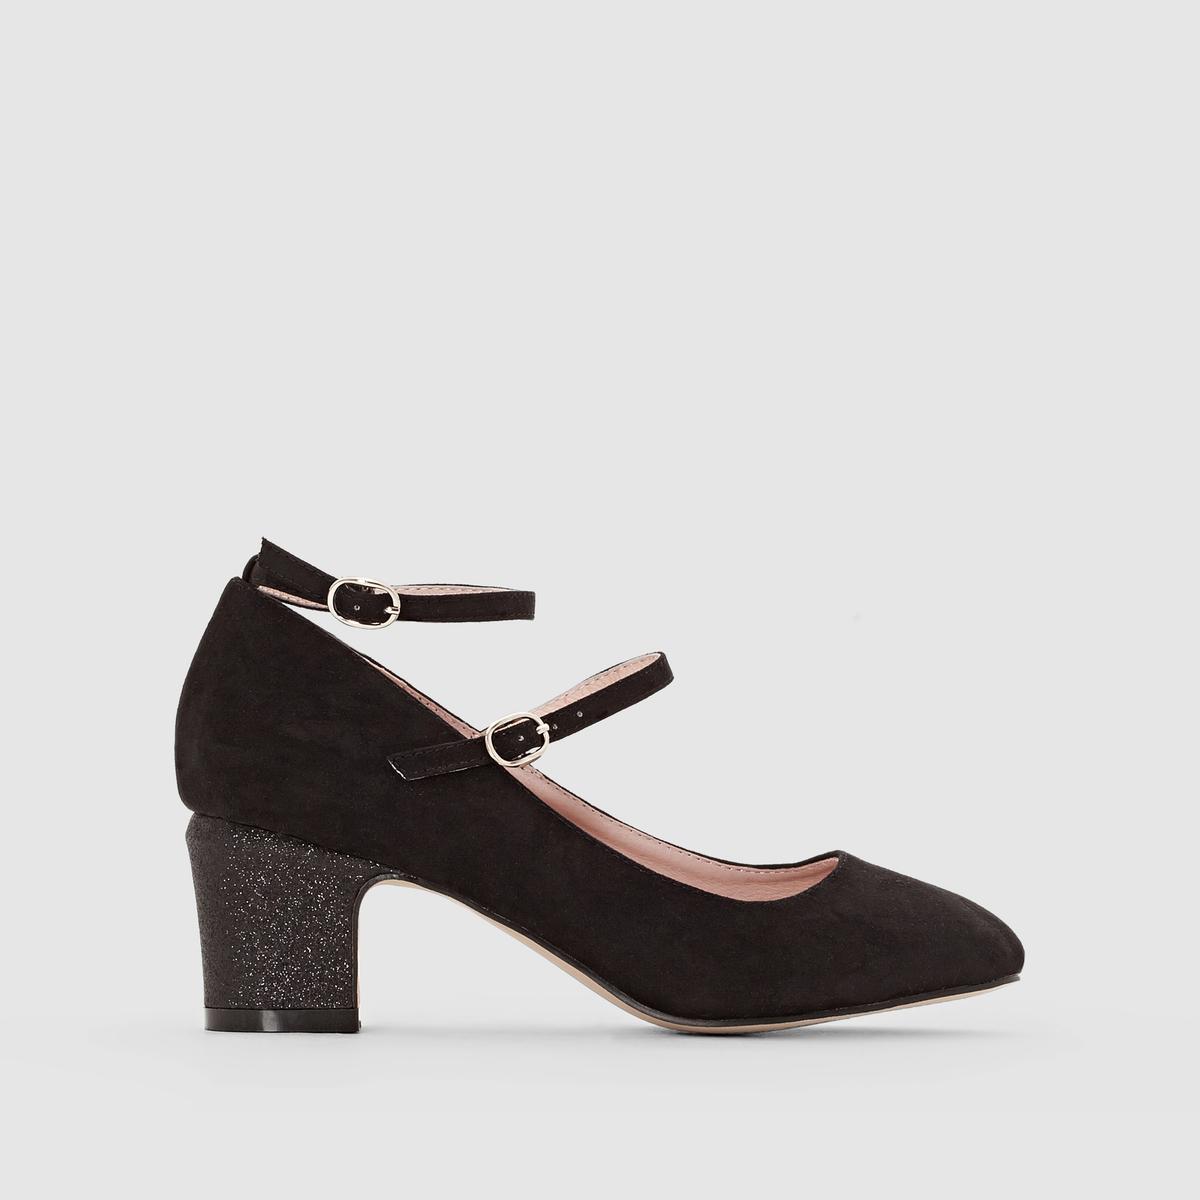 Босоножки с блестками на каблуке с двойным ремешком